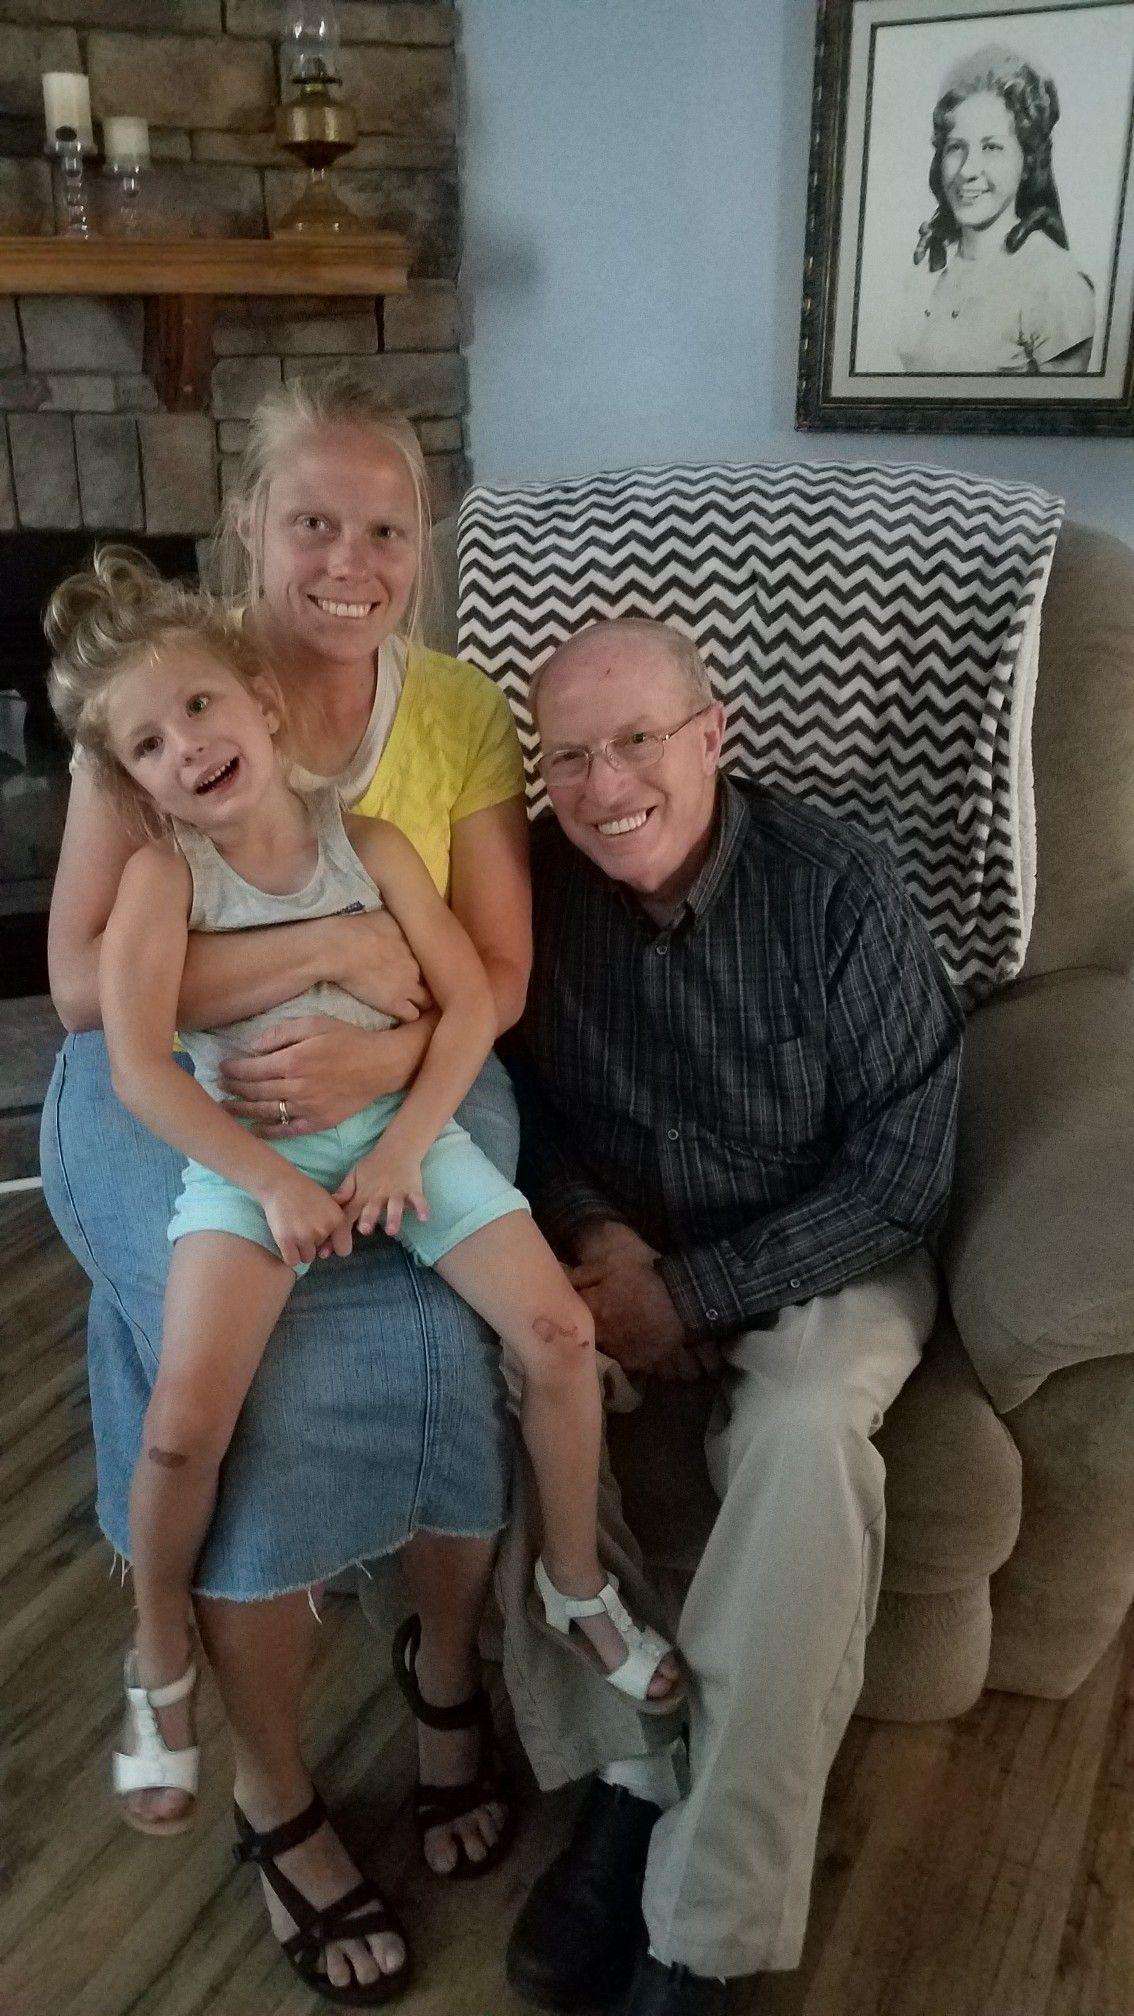 Pin by Clarissa Smith on My Family My family, Family